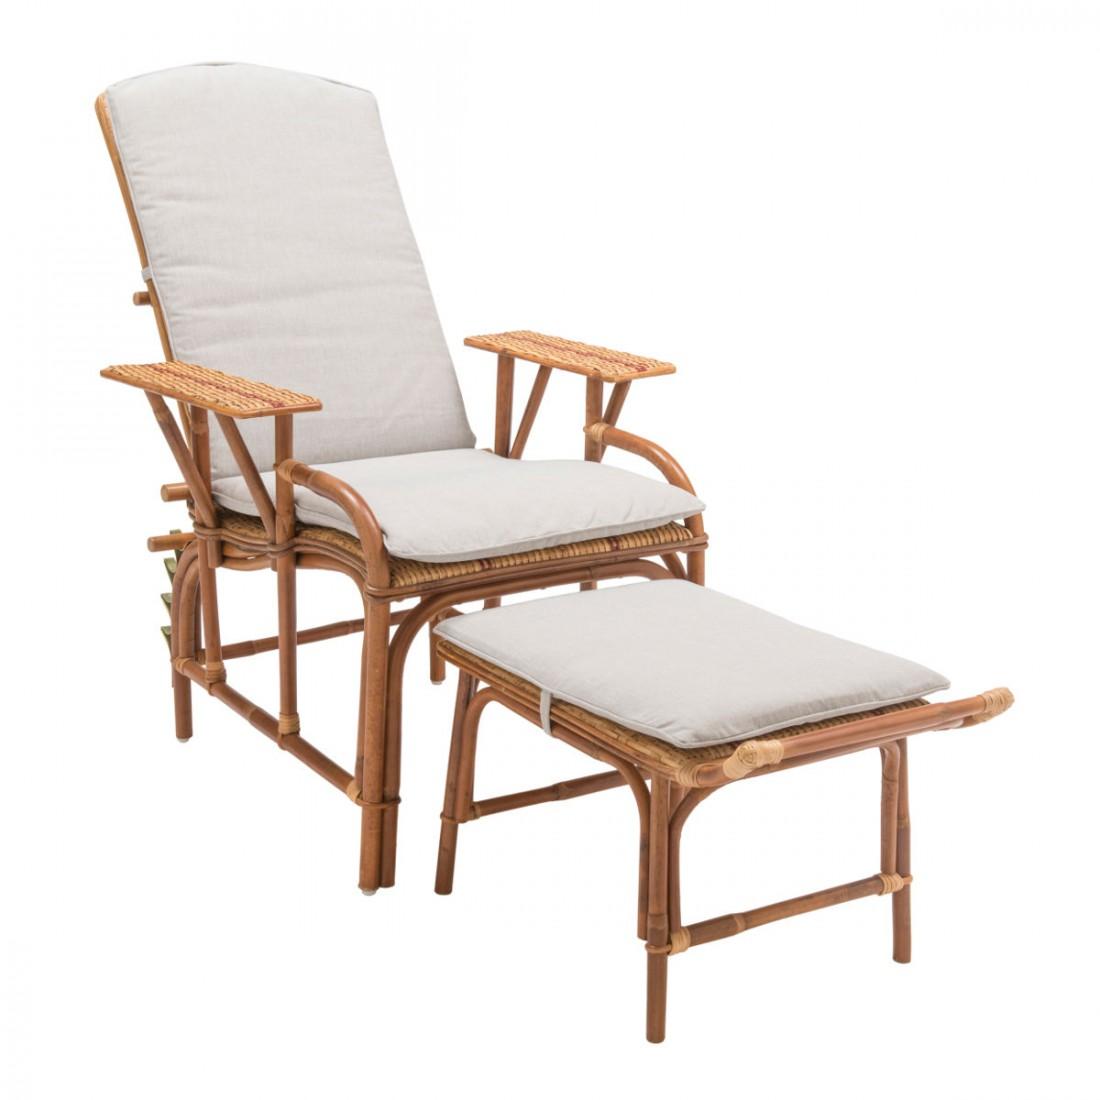 coussin pour chaise longue bagatelle. Black Bedroom Furniture Sets. Home Design Ideas